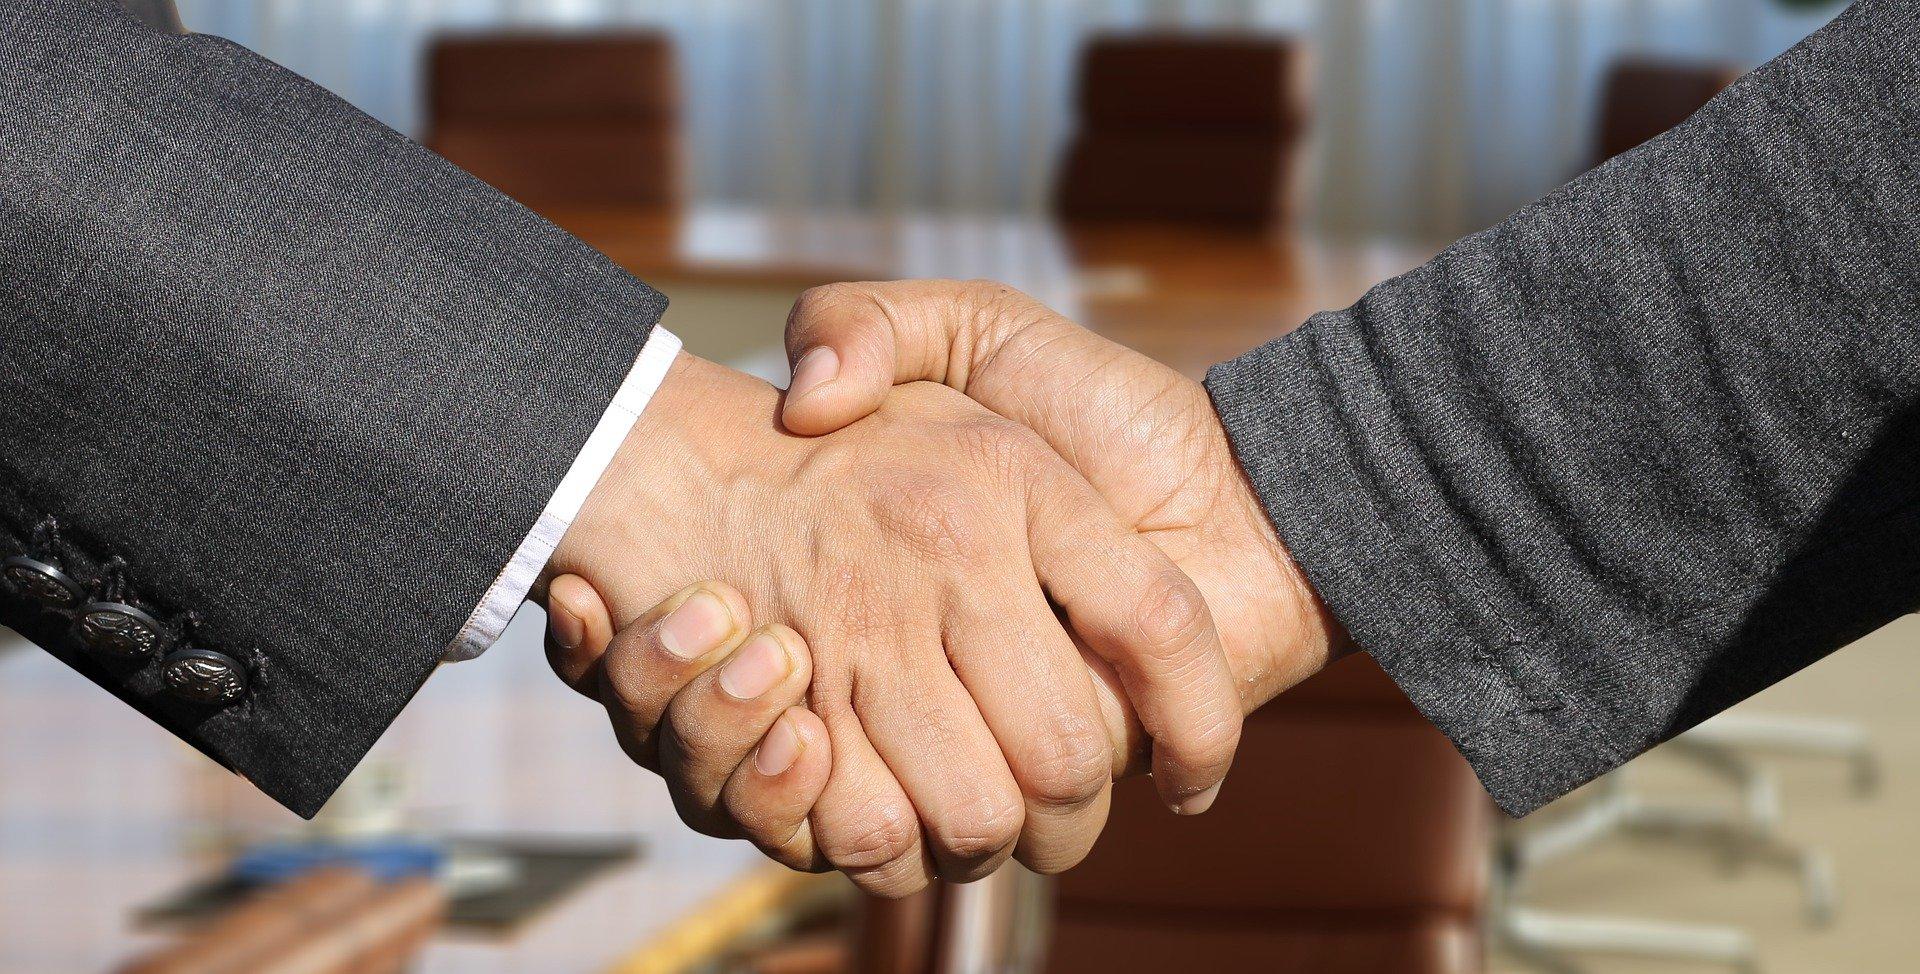 Einigung-Hände-Schütteln